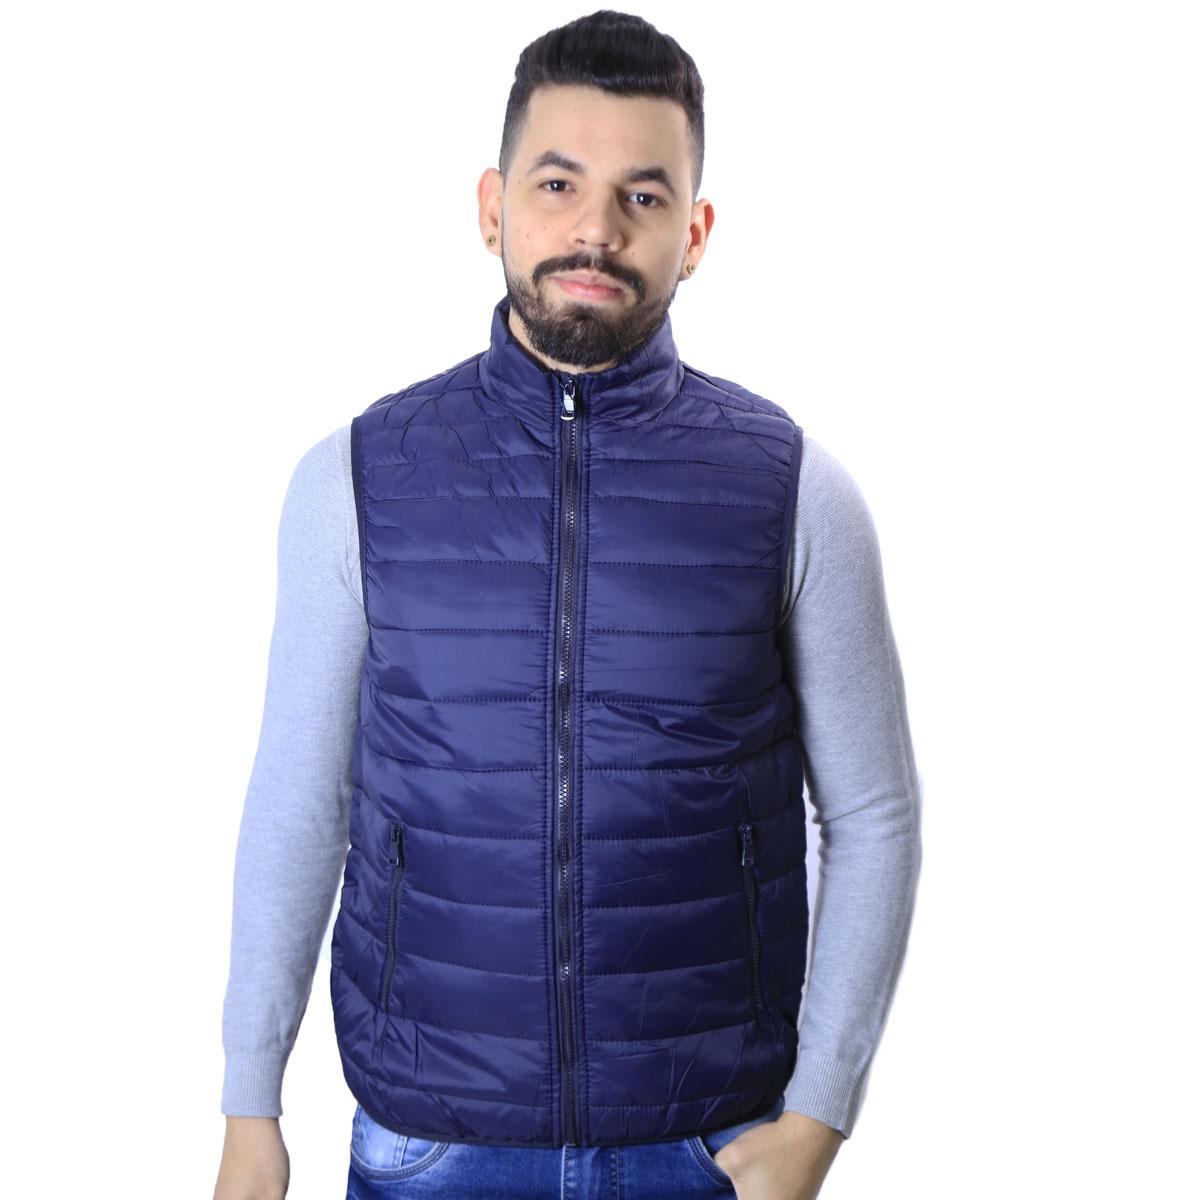 Colete Puffer Agricio Masculino Azul